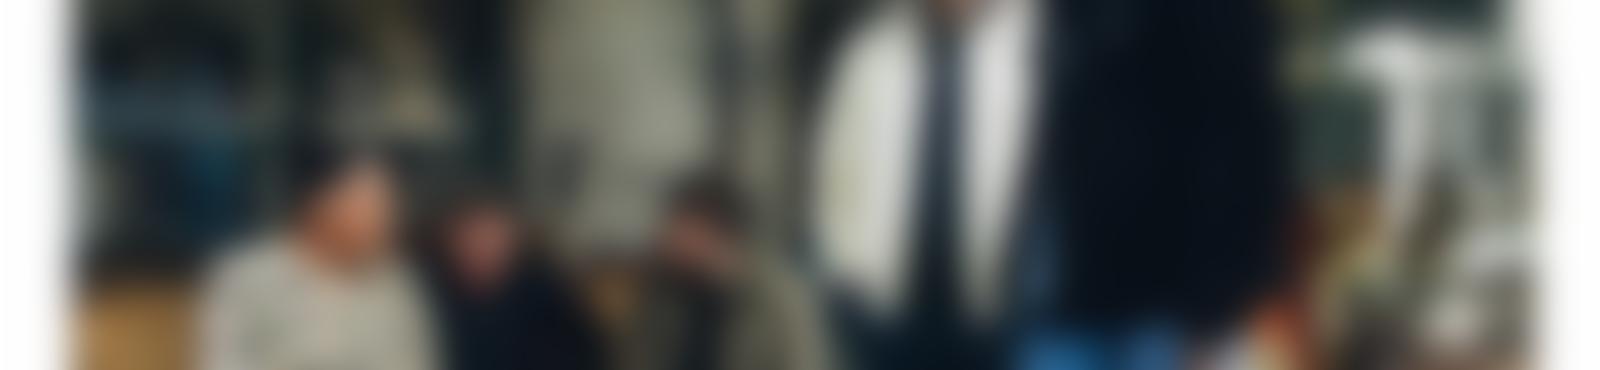 Blurred b8bb9f07 370d 4feb 9150 b233e24a1b68